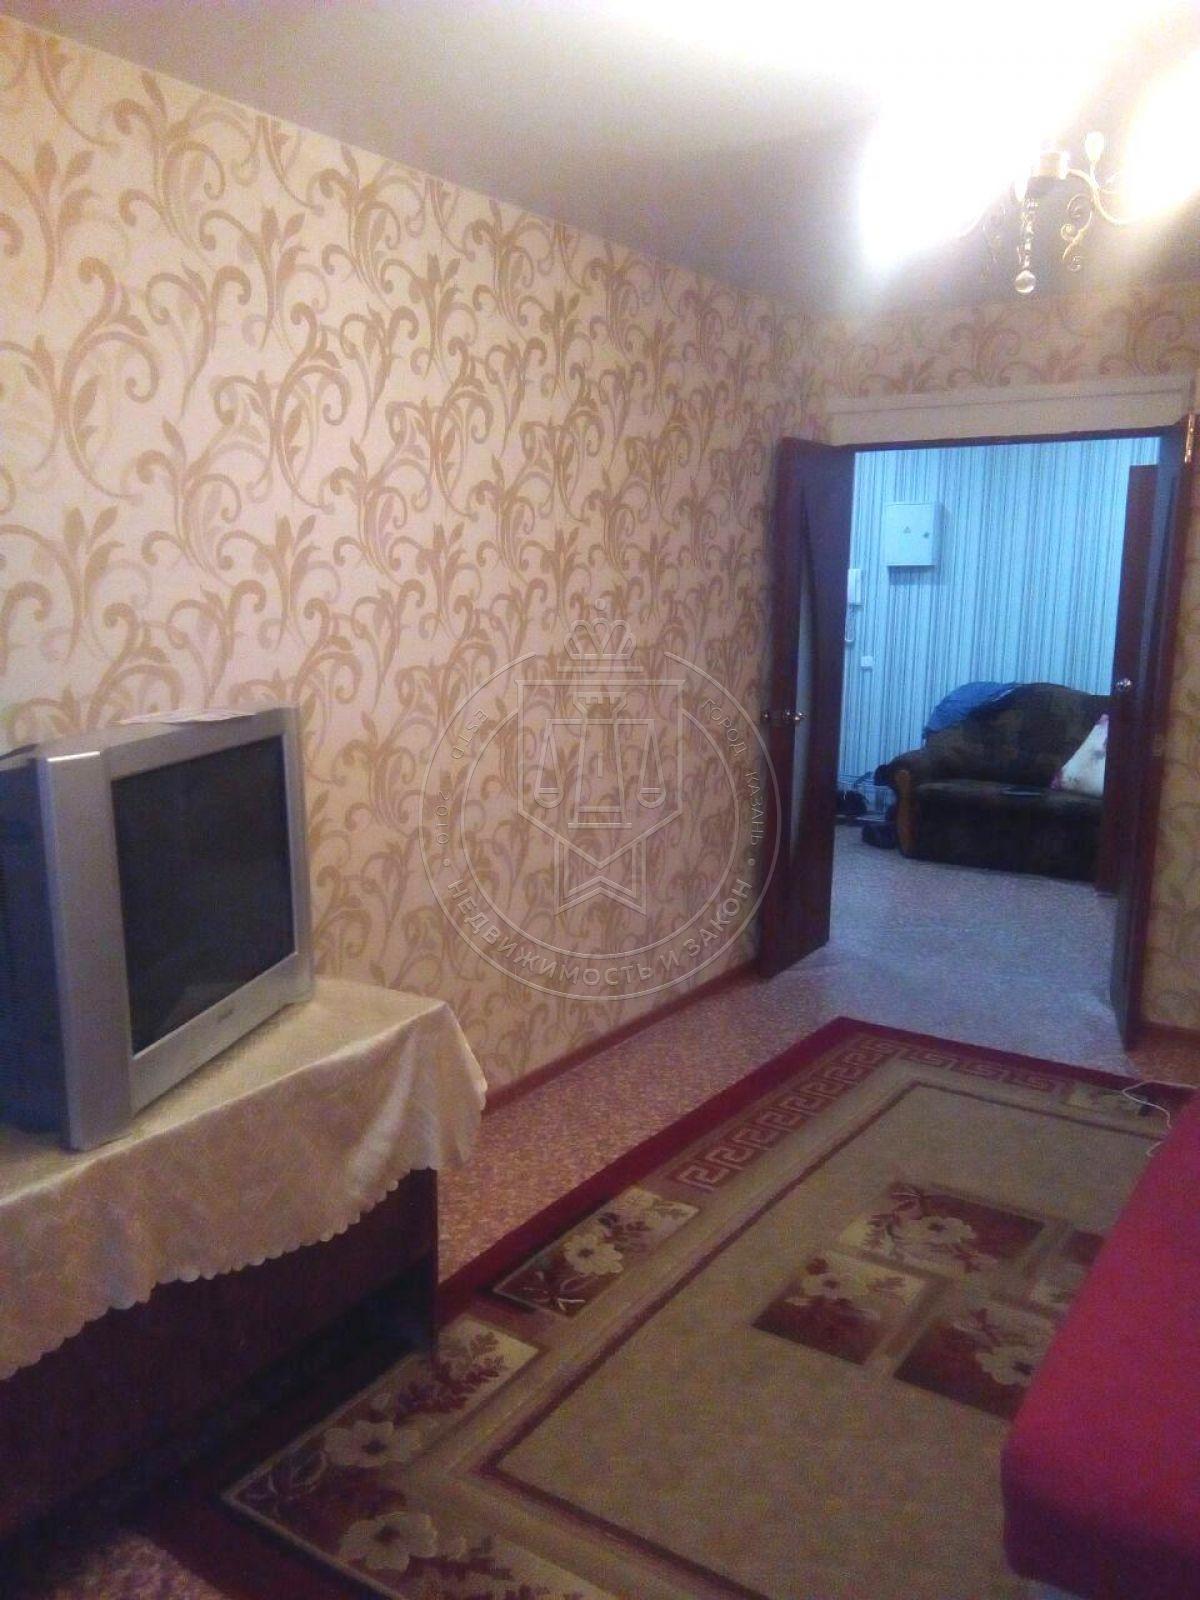 Продажа 1-к квартиры Чингиза Айтматова ул, 10, 46 м2  (миниатюра №2)